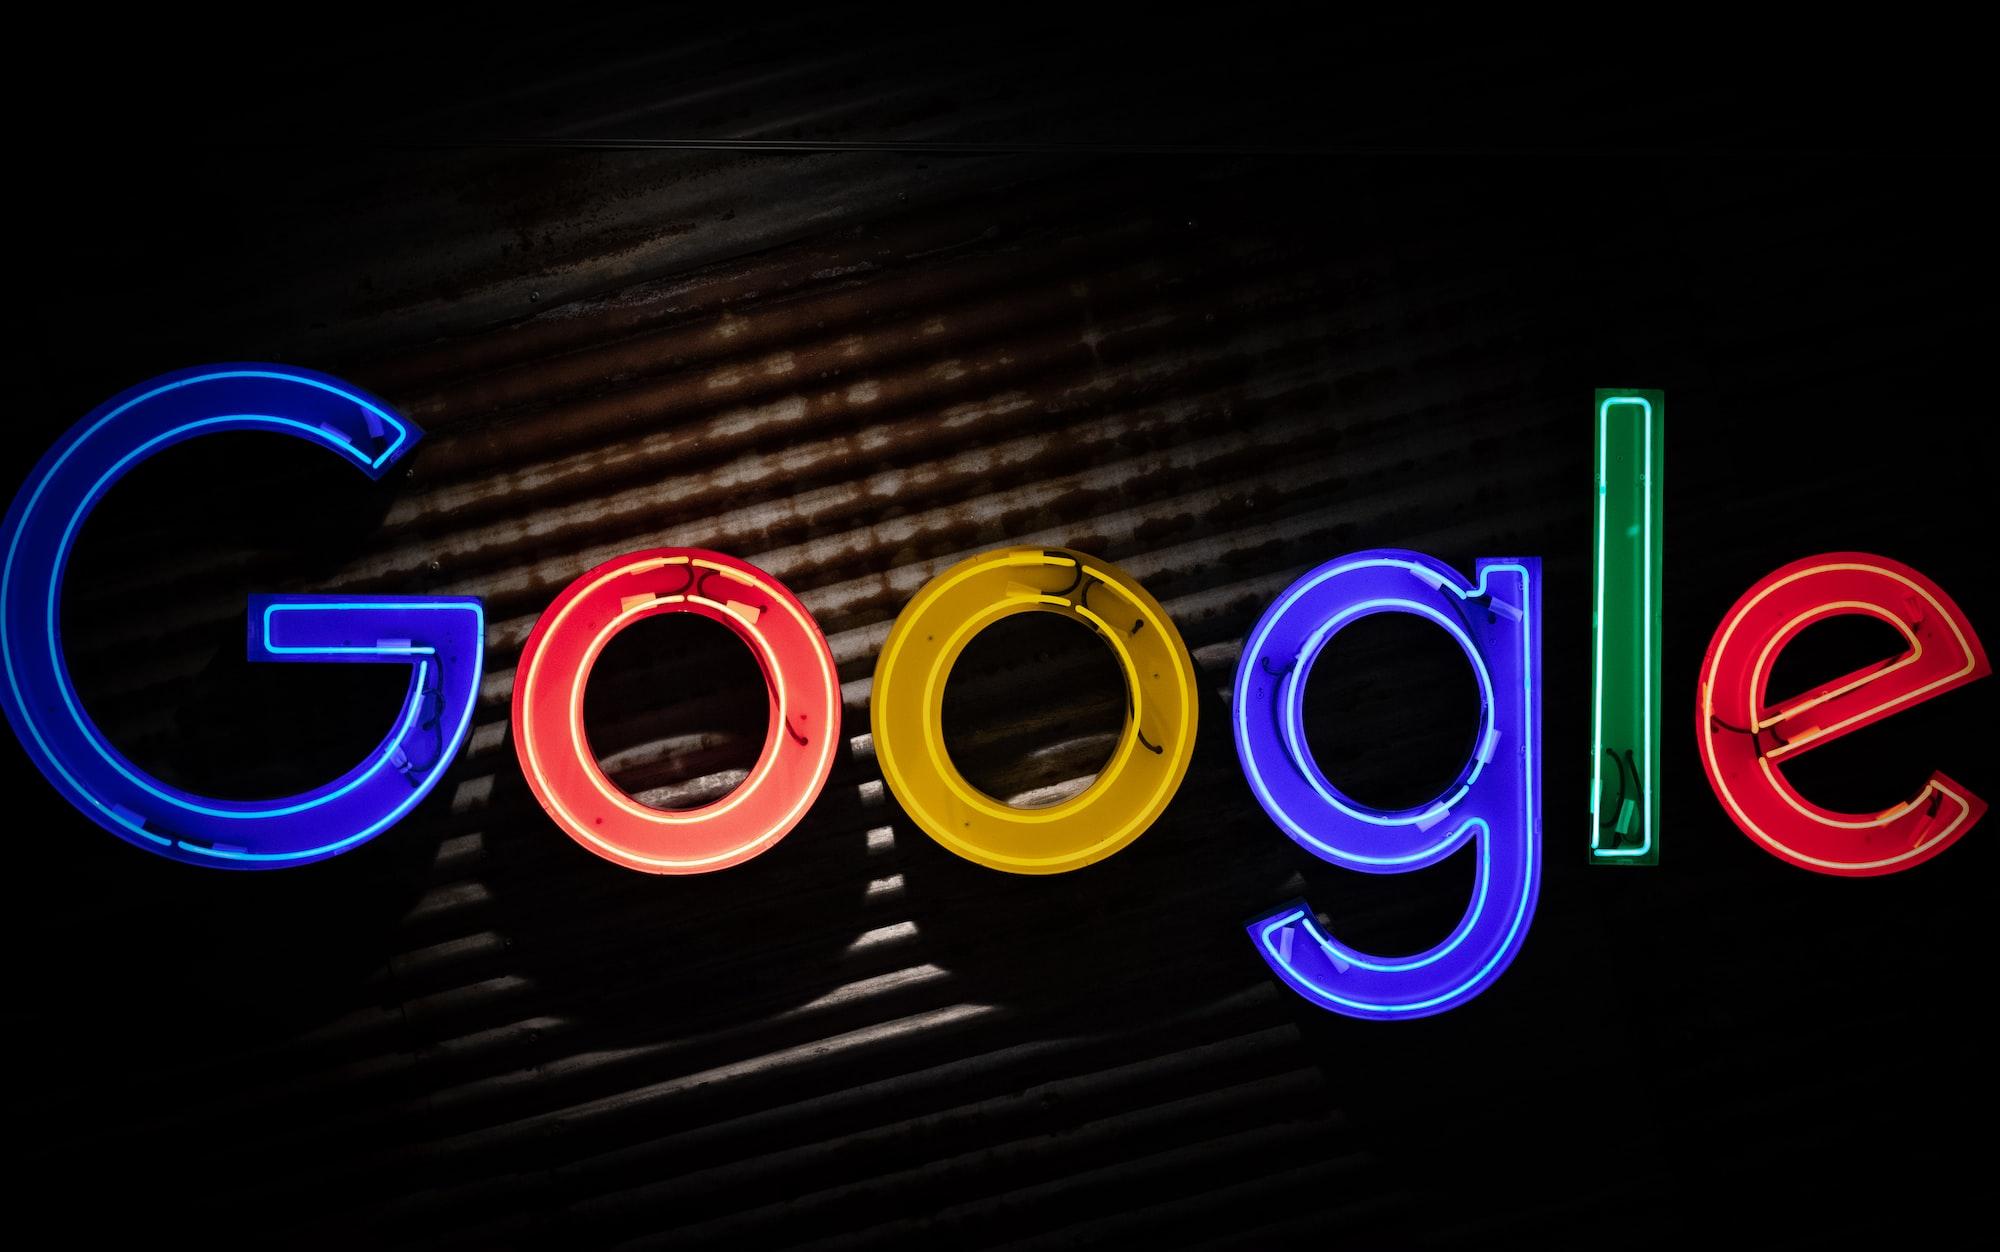 Google часто использует в рекламе наглядную демонстрацию своего основного продукта